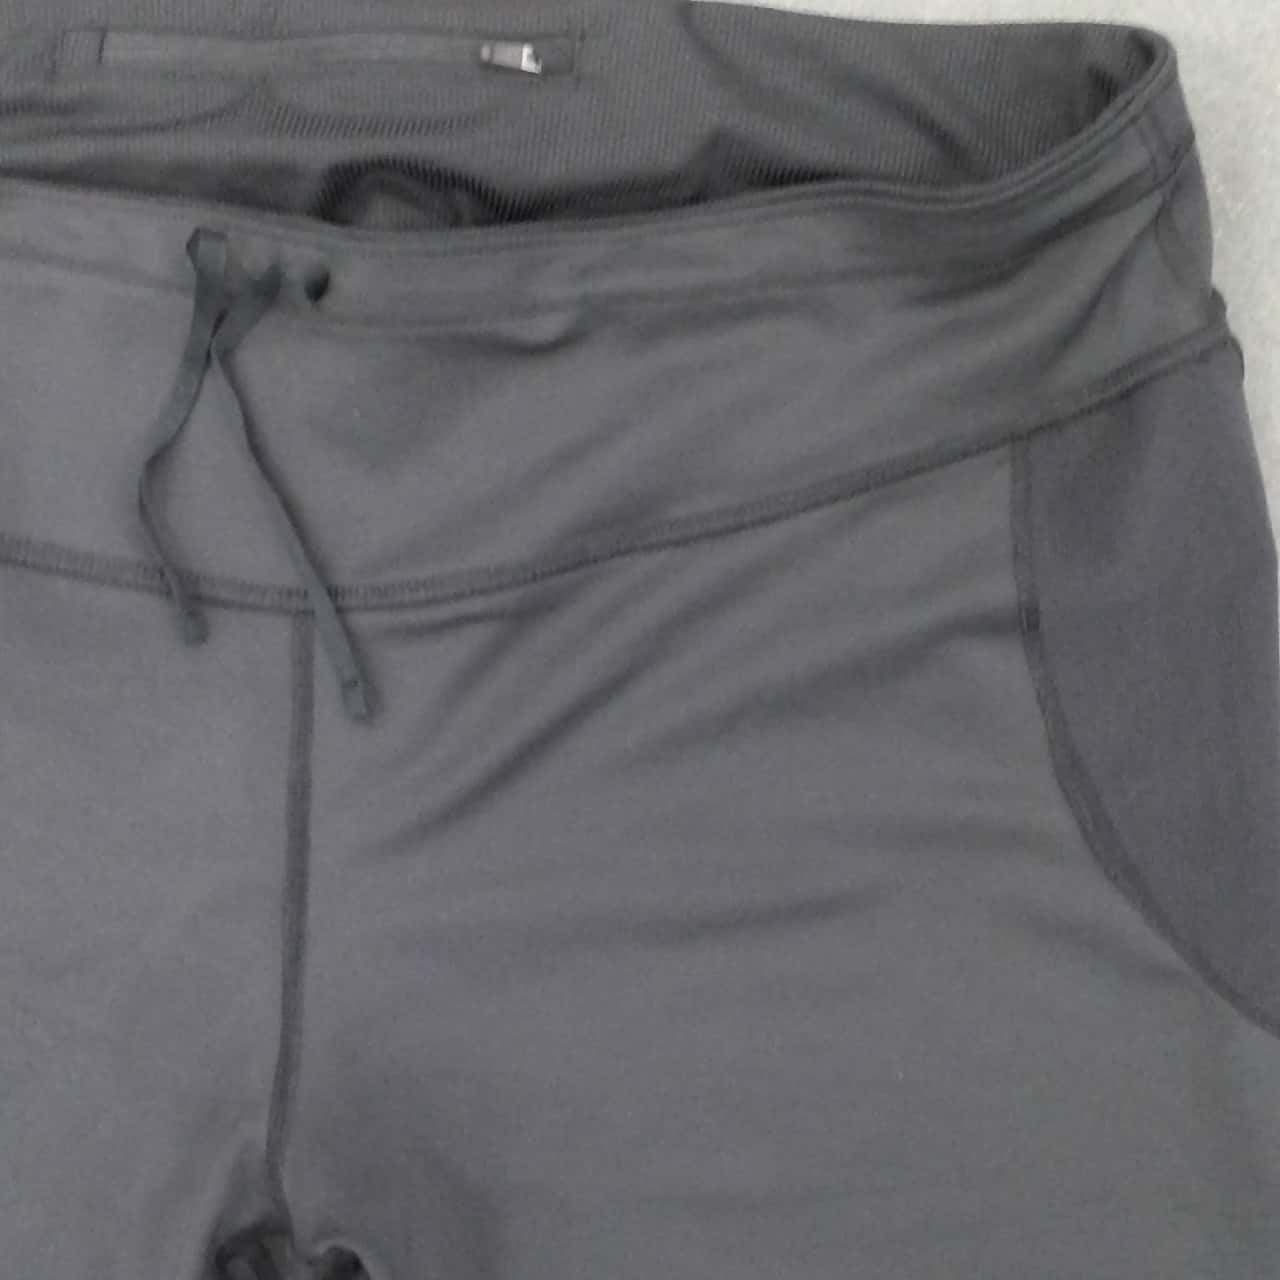 BNWT Womens  NIKE 3/4 LEG ACTIVEWEAR RUNNING PANTS Size XXXL Black